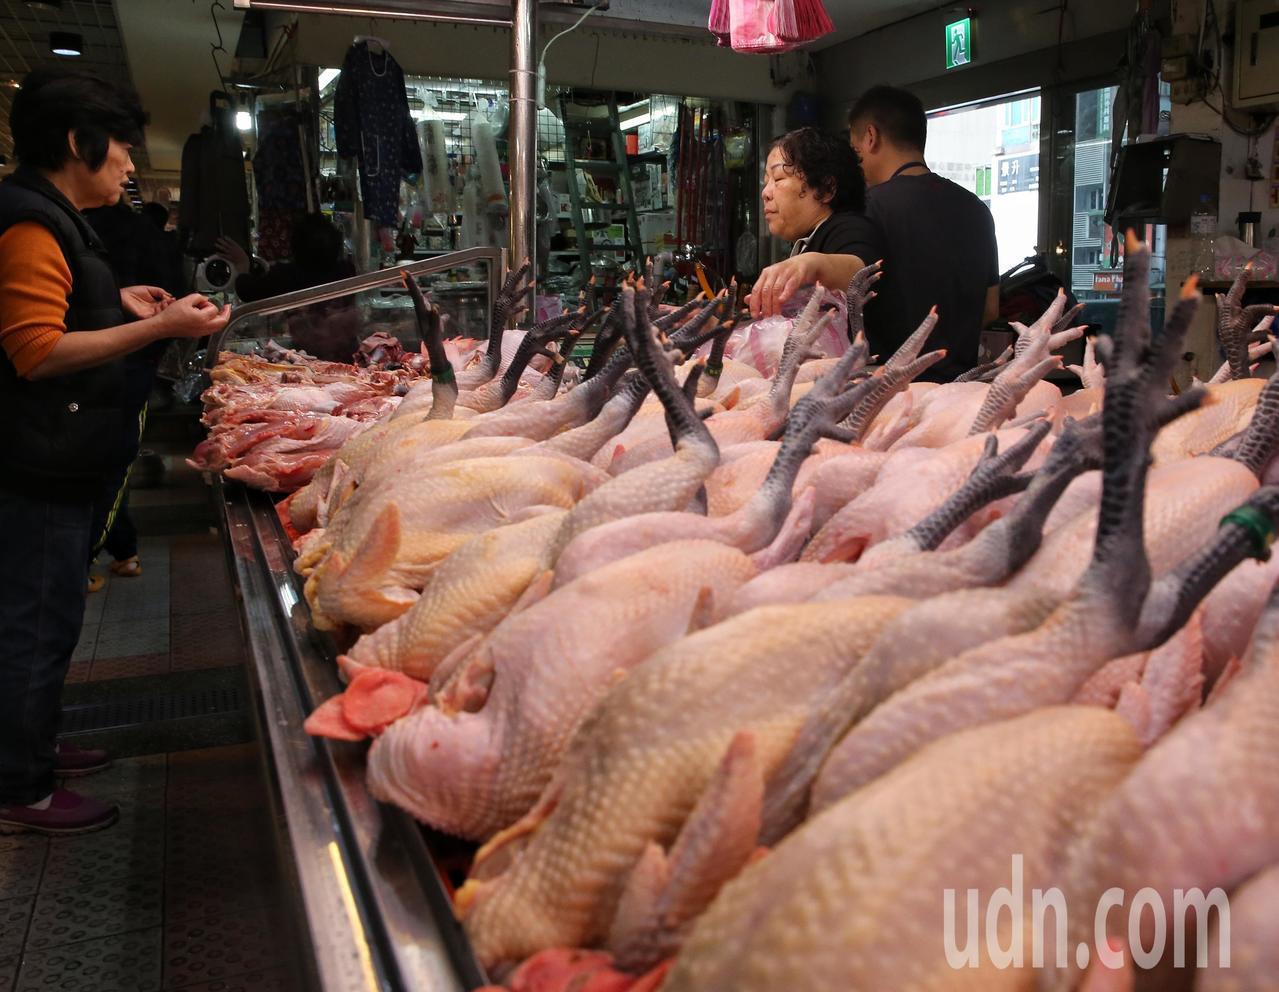 民眾採買肉品準備過年。記者鄭清元/攝影